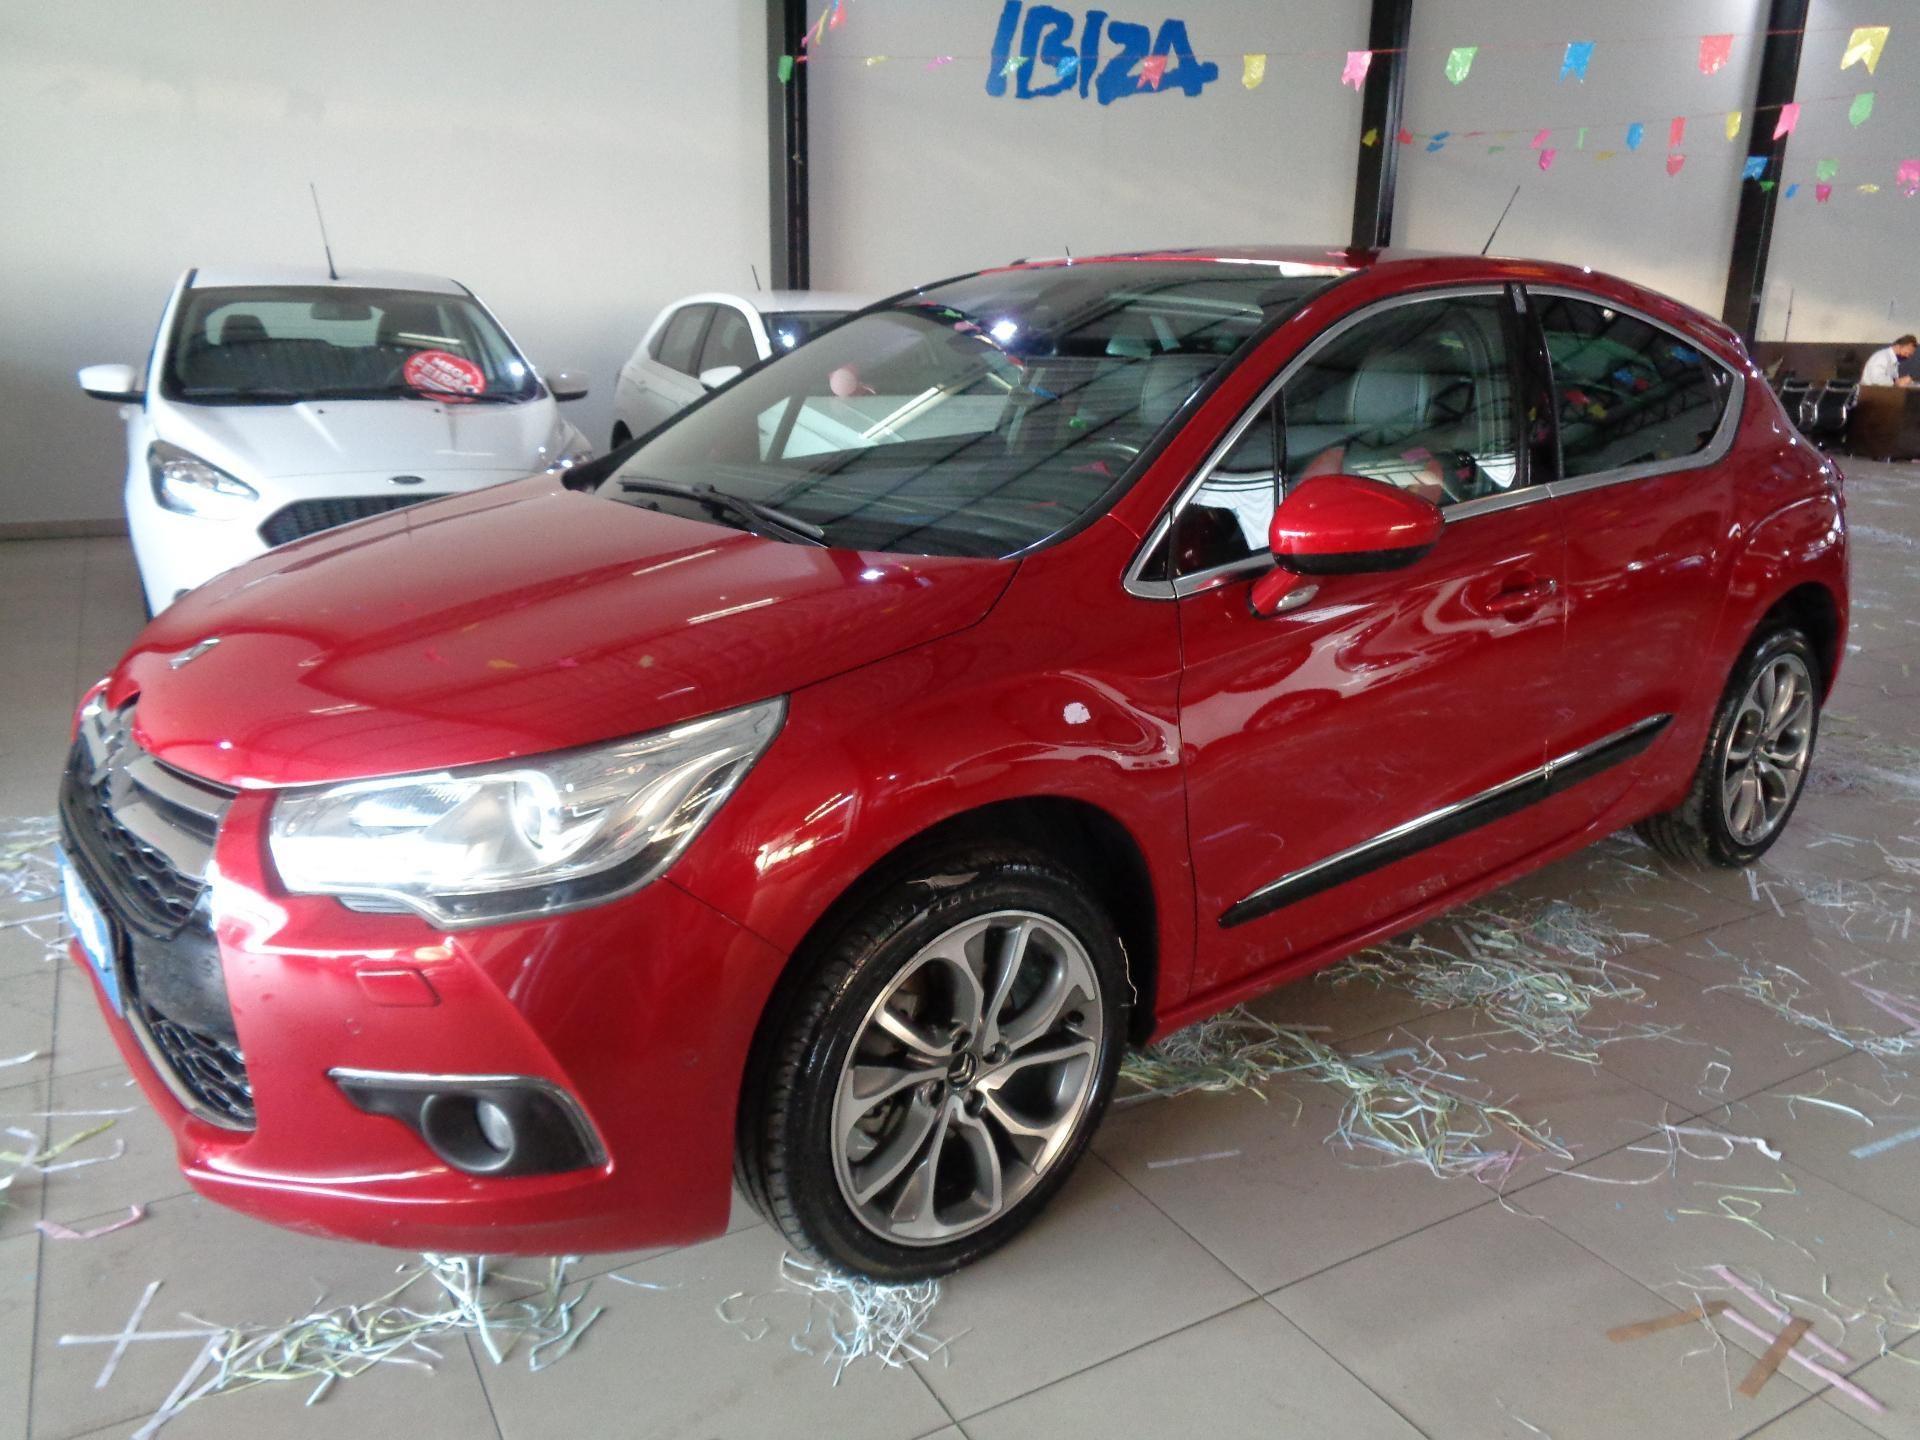 //www.autoline.com.br/carro/citroen/ds4-16-165-16v-gasolina-4p-turbo-automatico/2013/patos-de-minas-mg/15229005